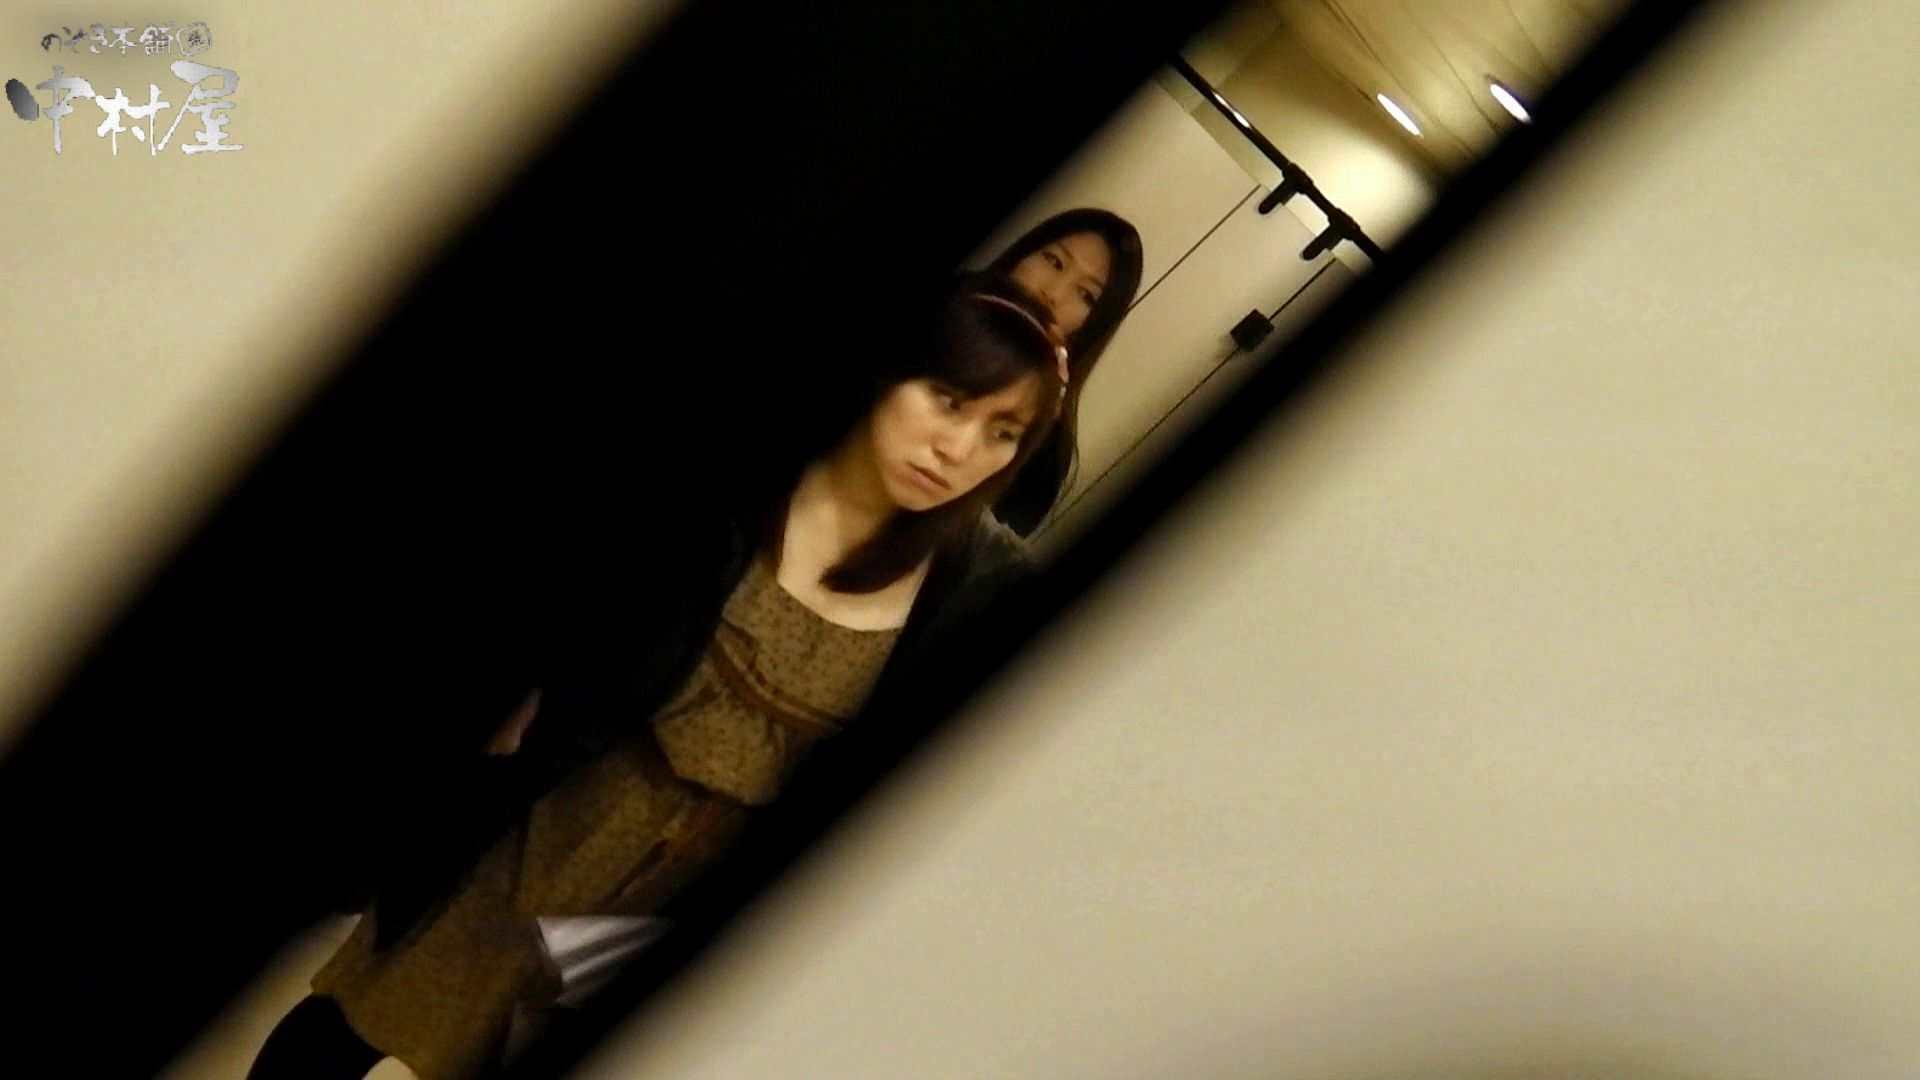 無料アダルト動画:新世界の射窓 No71 久しぶり、可愛い三人組全部晒しちゃいます。:のぞき本舗 中村屋